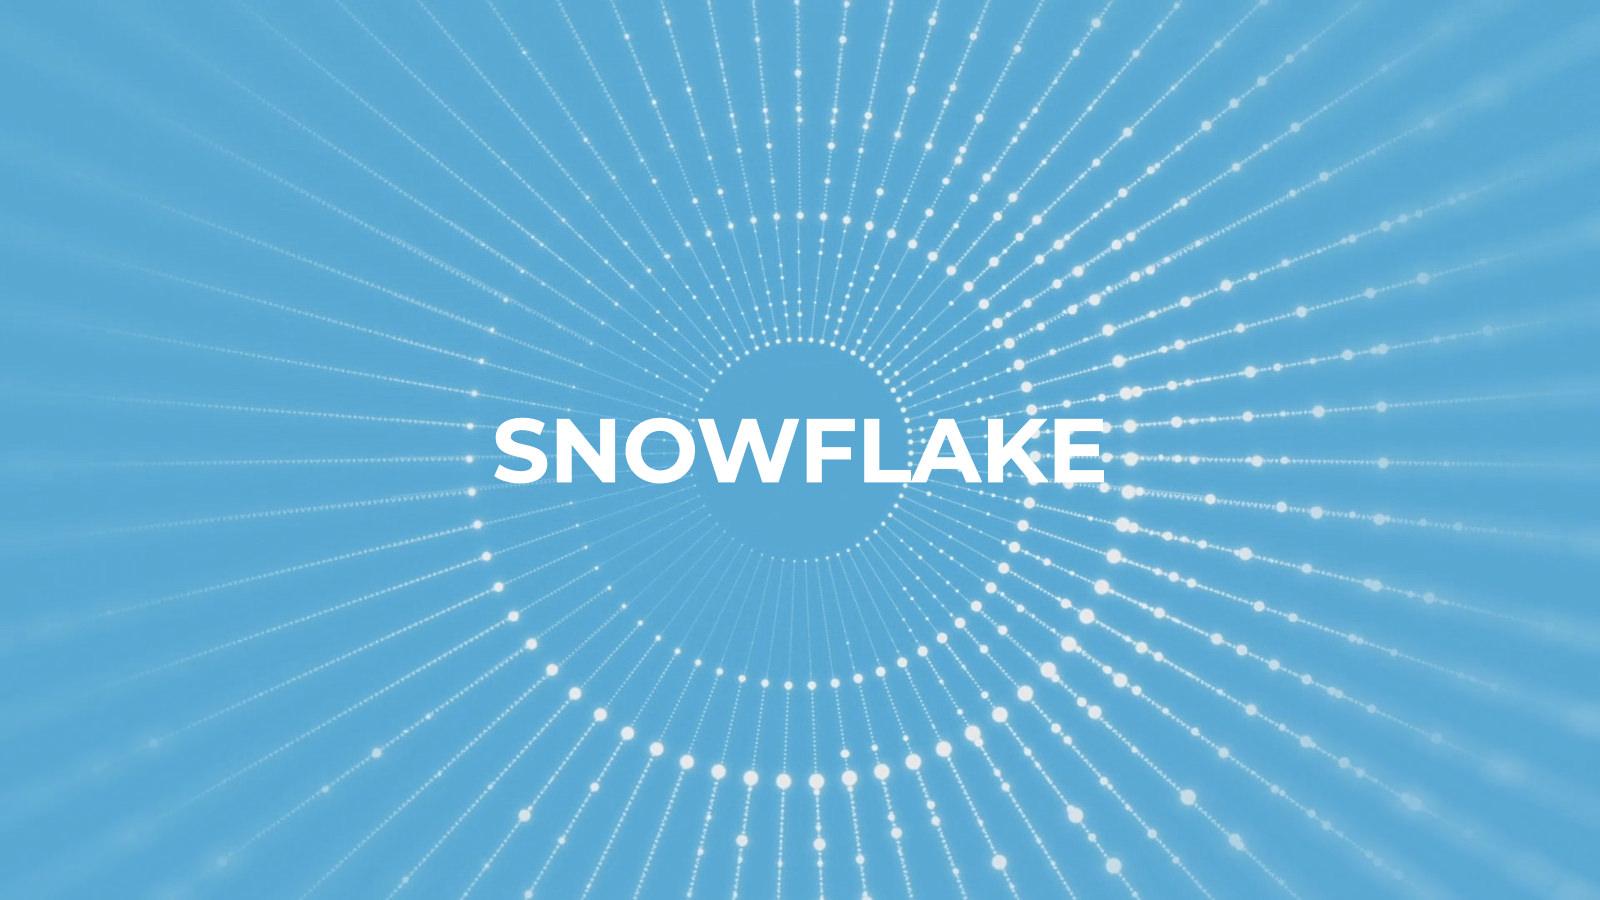 Homepage-Images.Snowflake